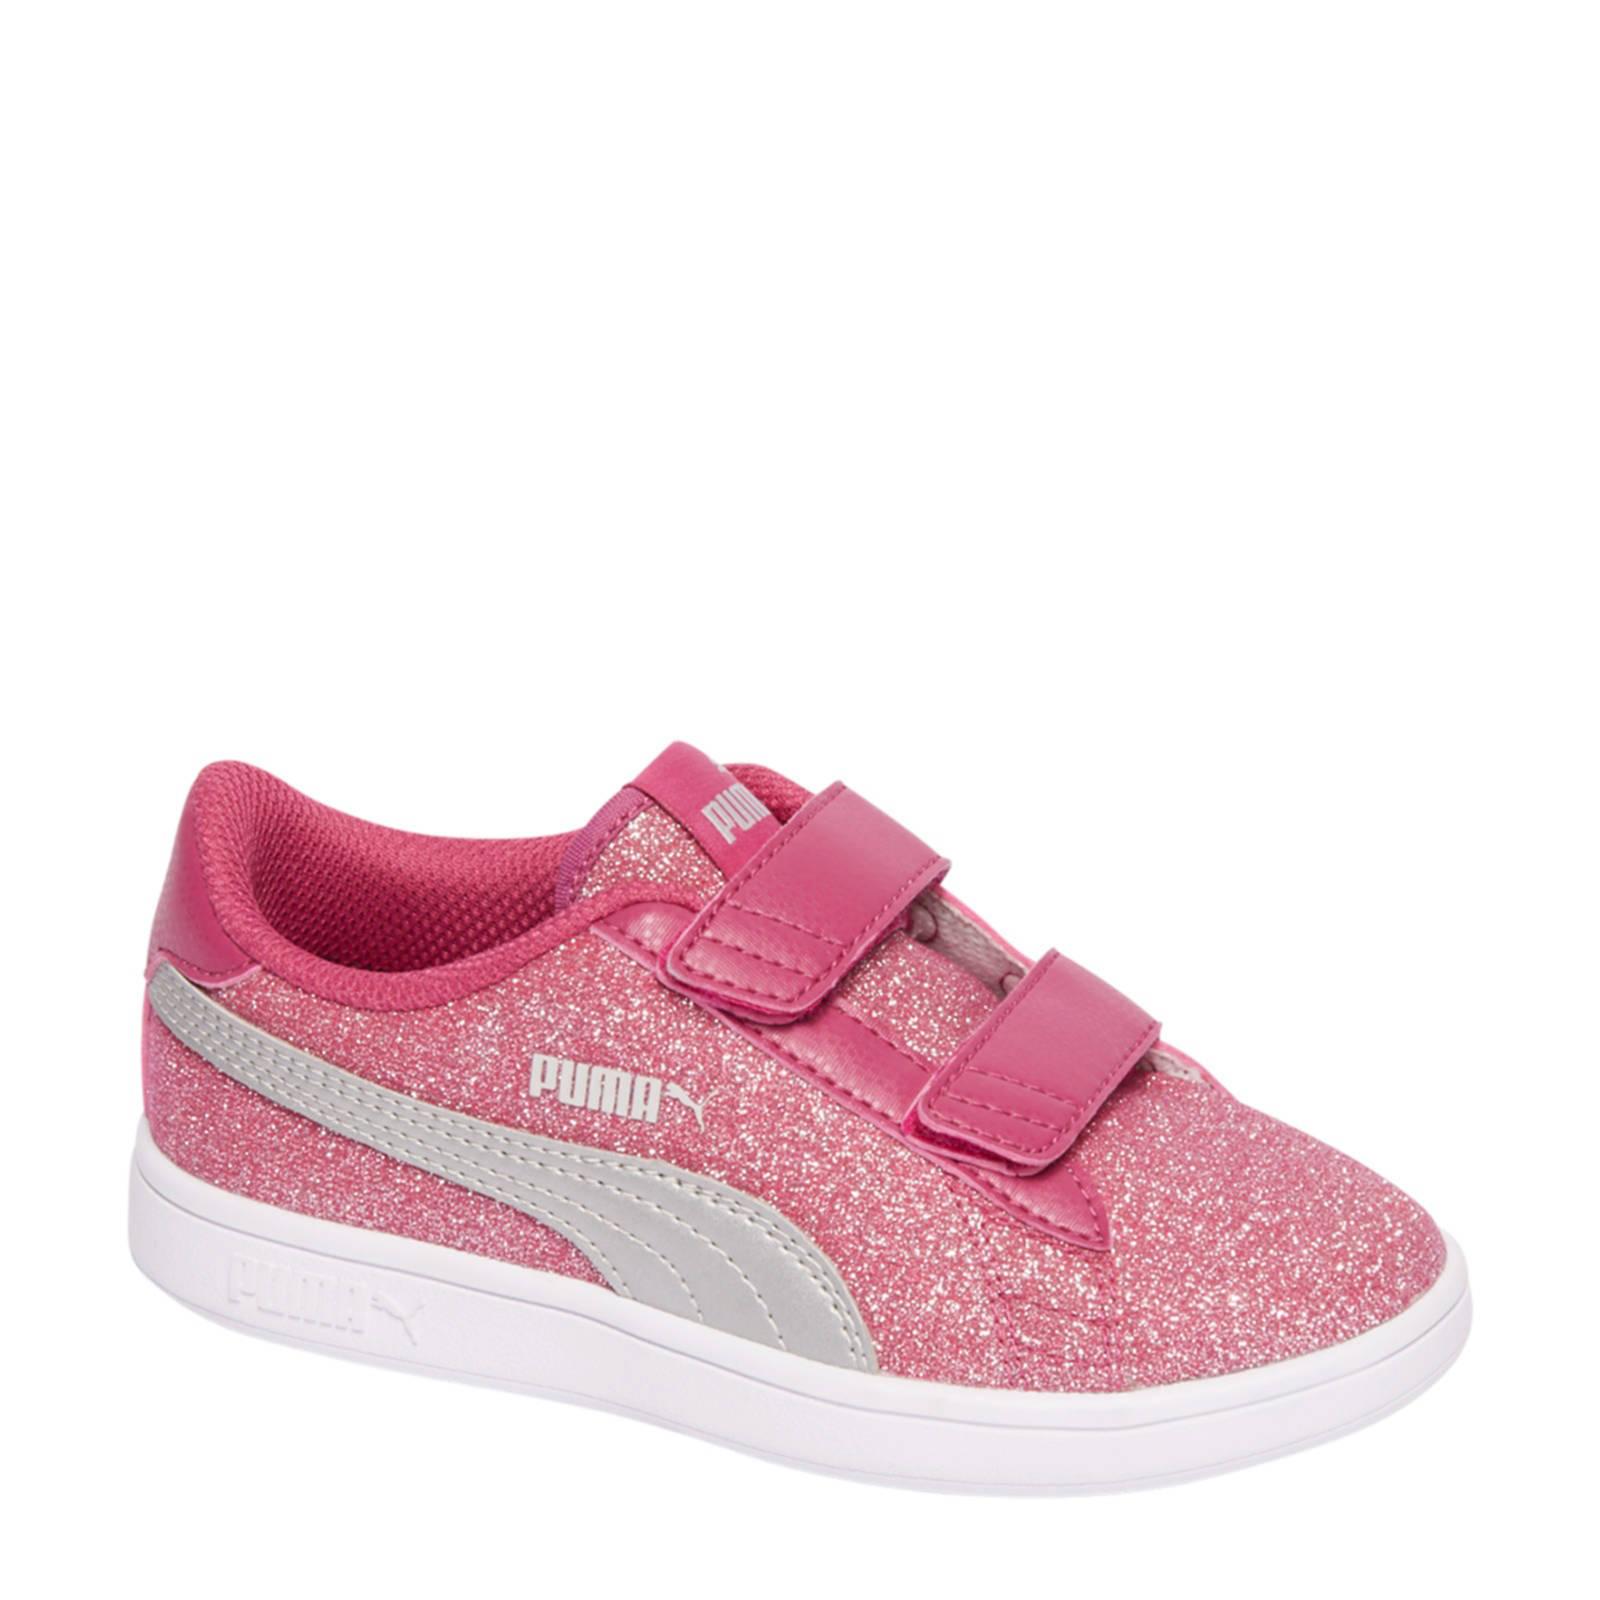 Puma suède sneakers roze (meisjes)